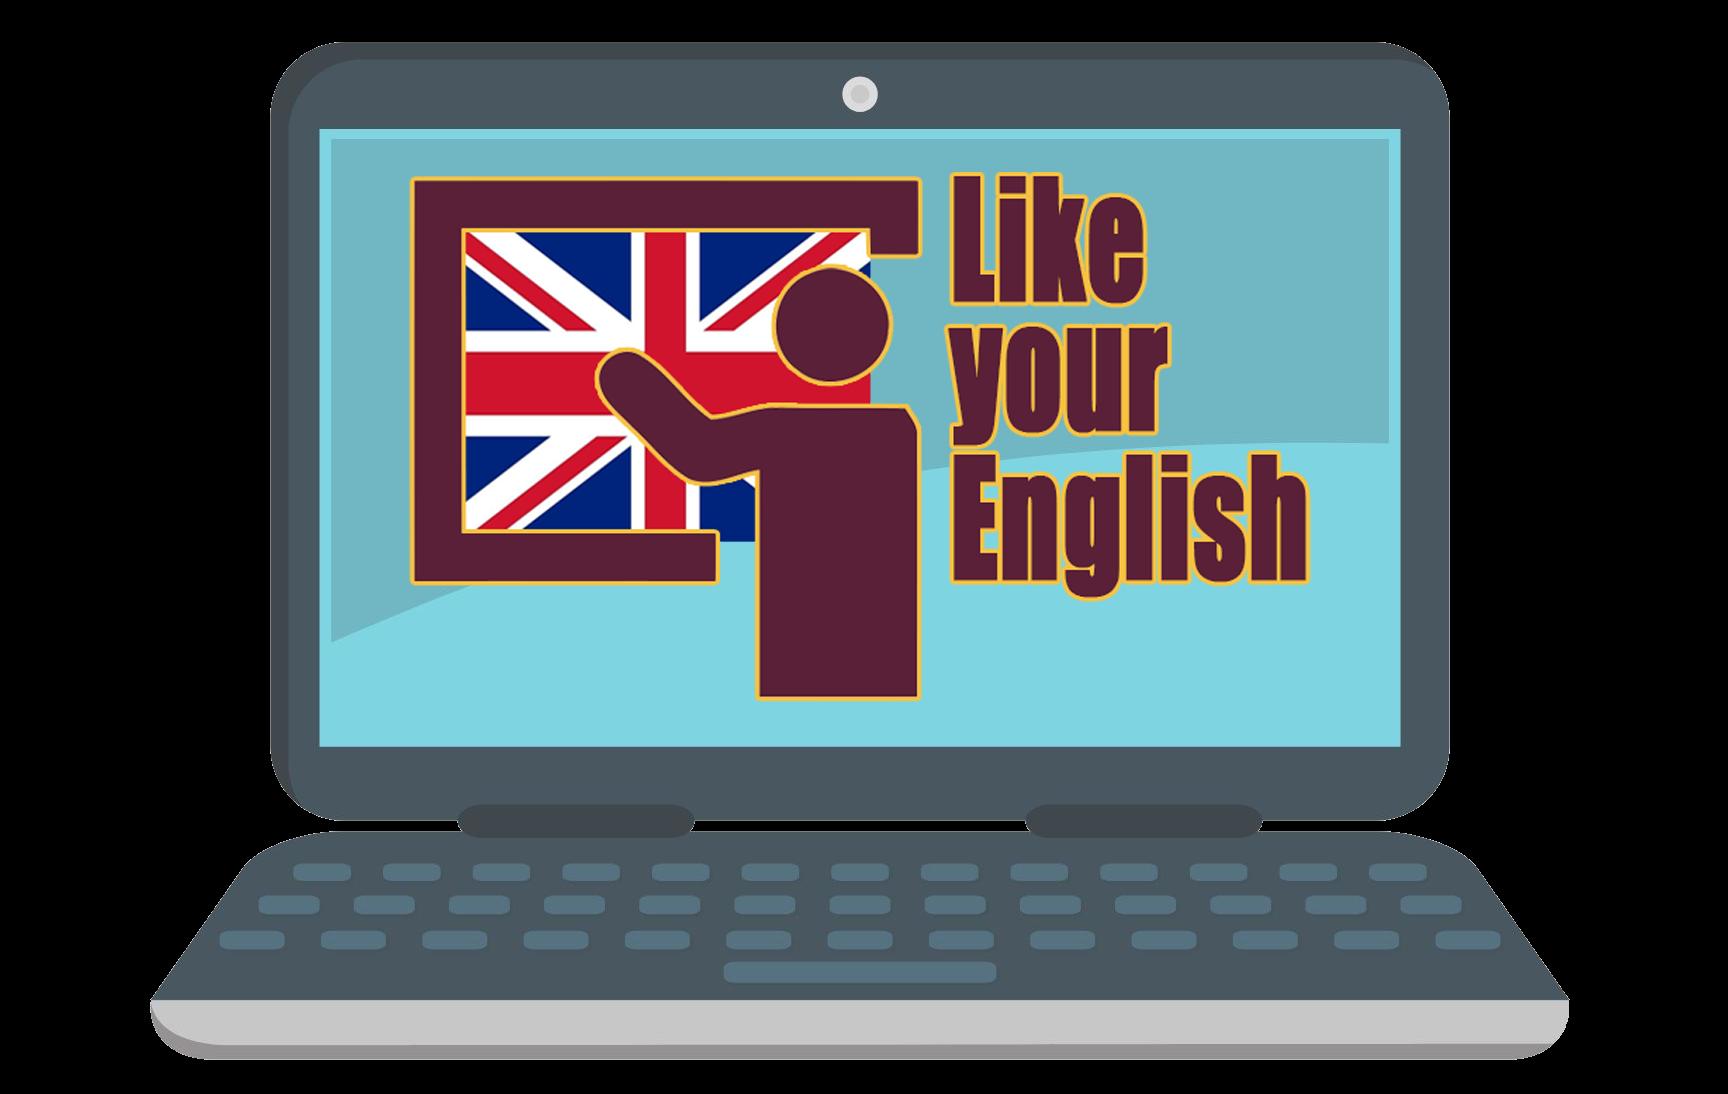 Like your English